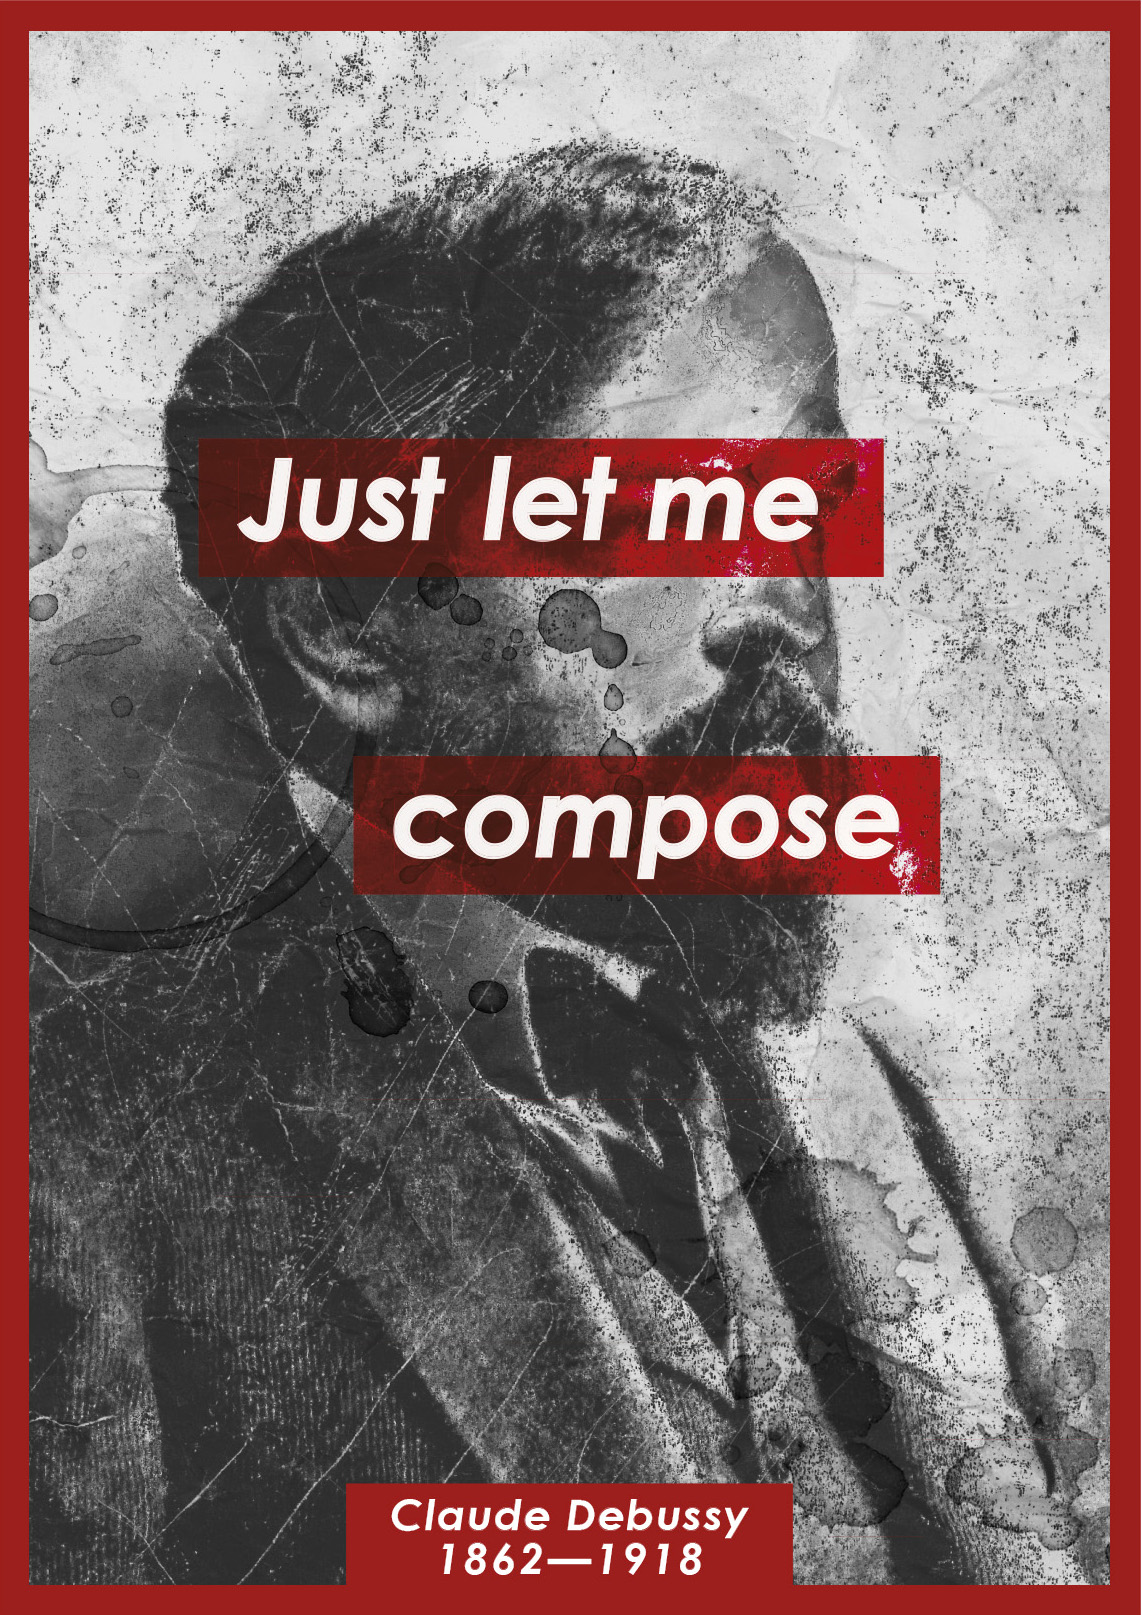 maturitní práce | 2018<br>plakát k výročí C. Debussy